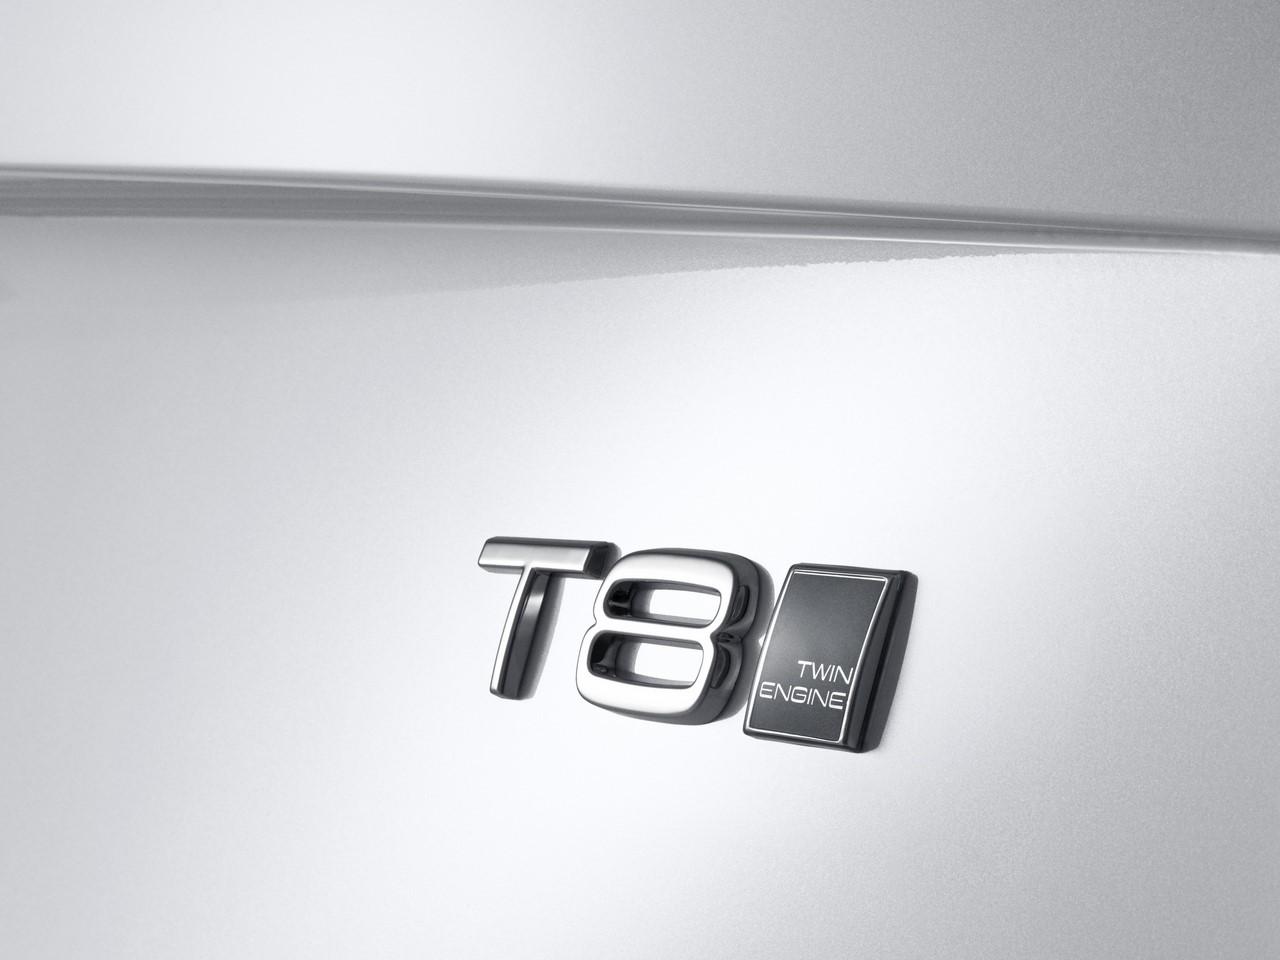 Nouveau Volvo XC90 : jusqu'à 400 chevaux en version hybride rechargeable